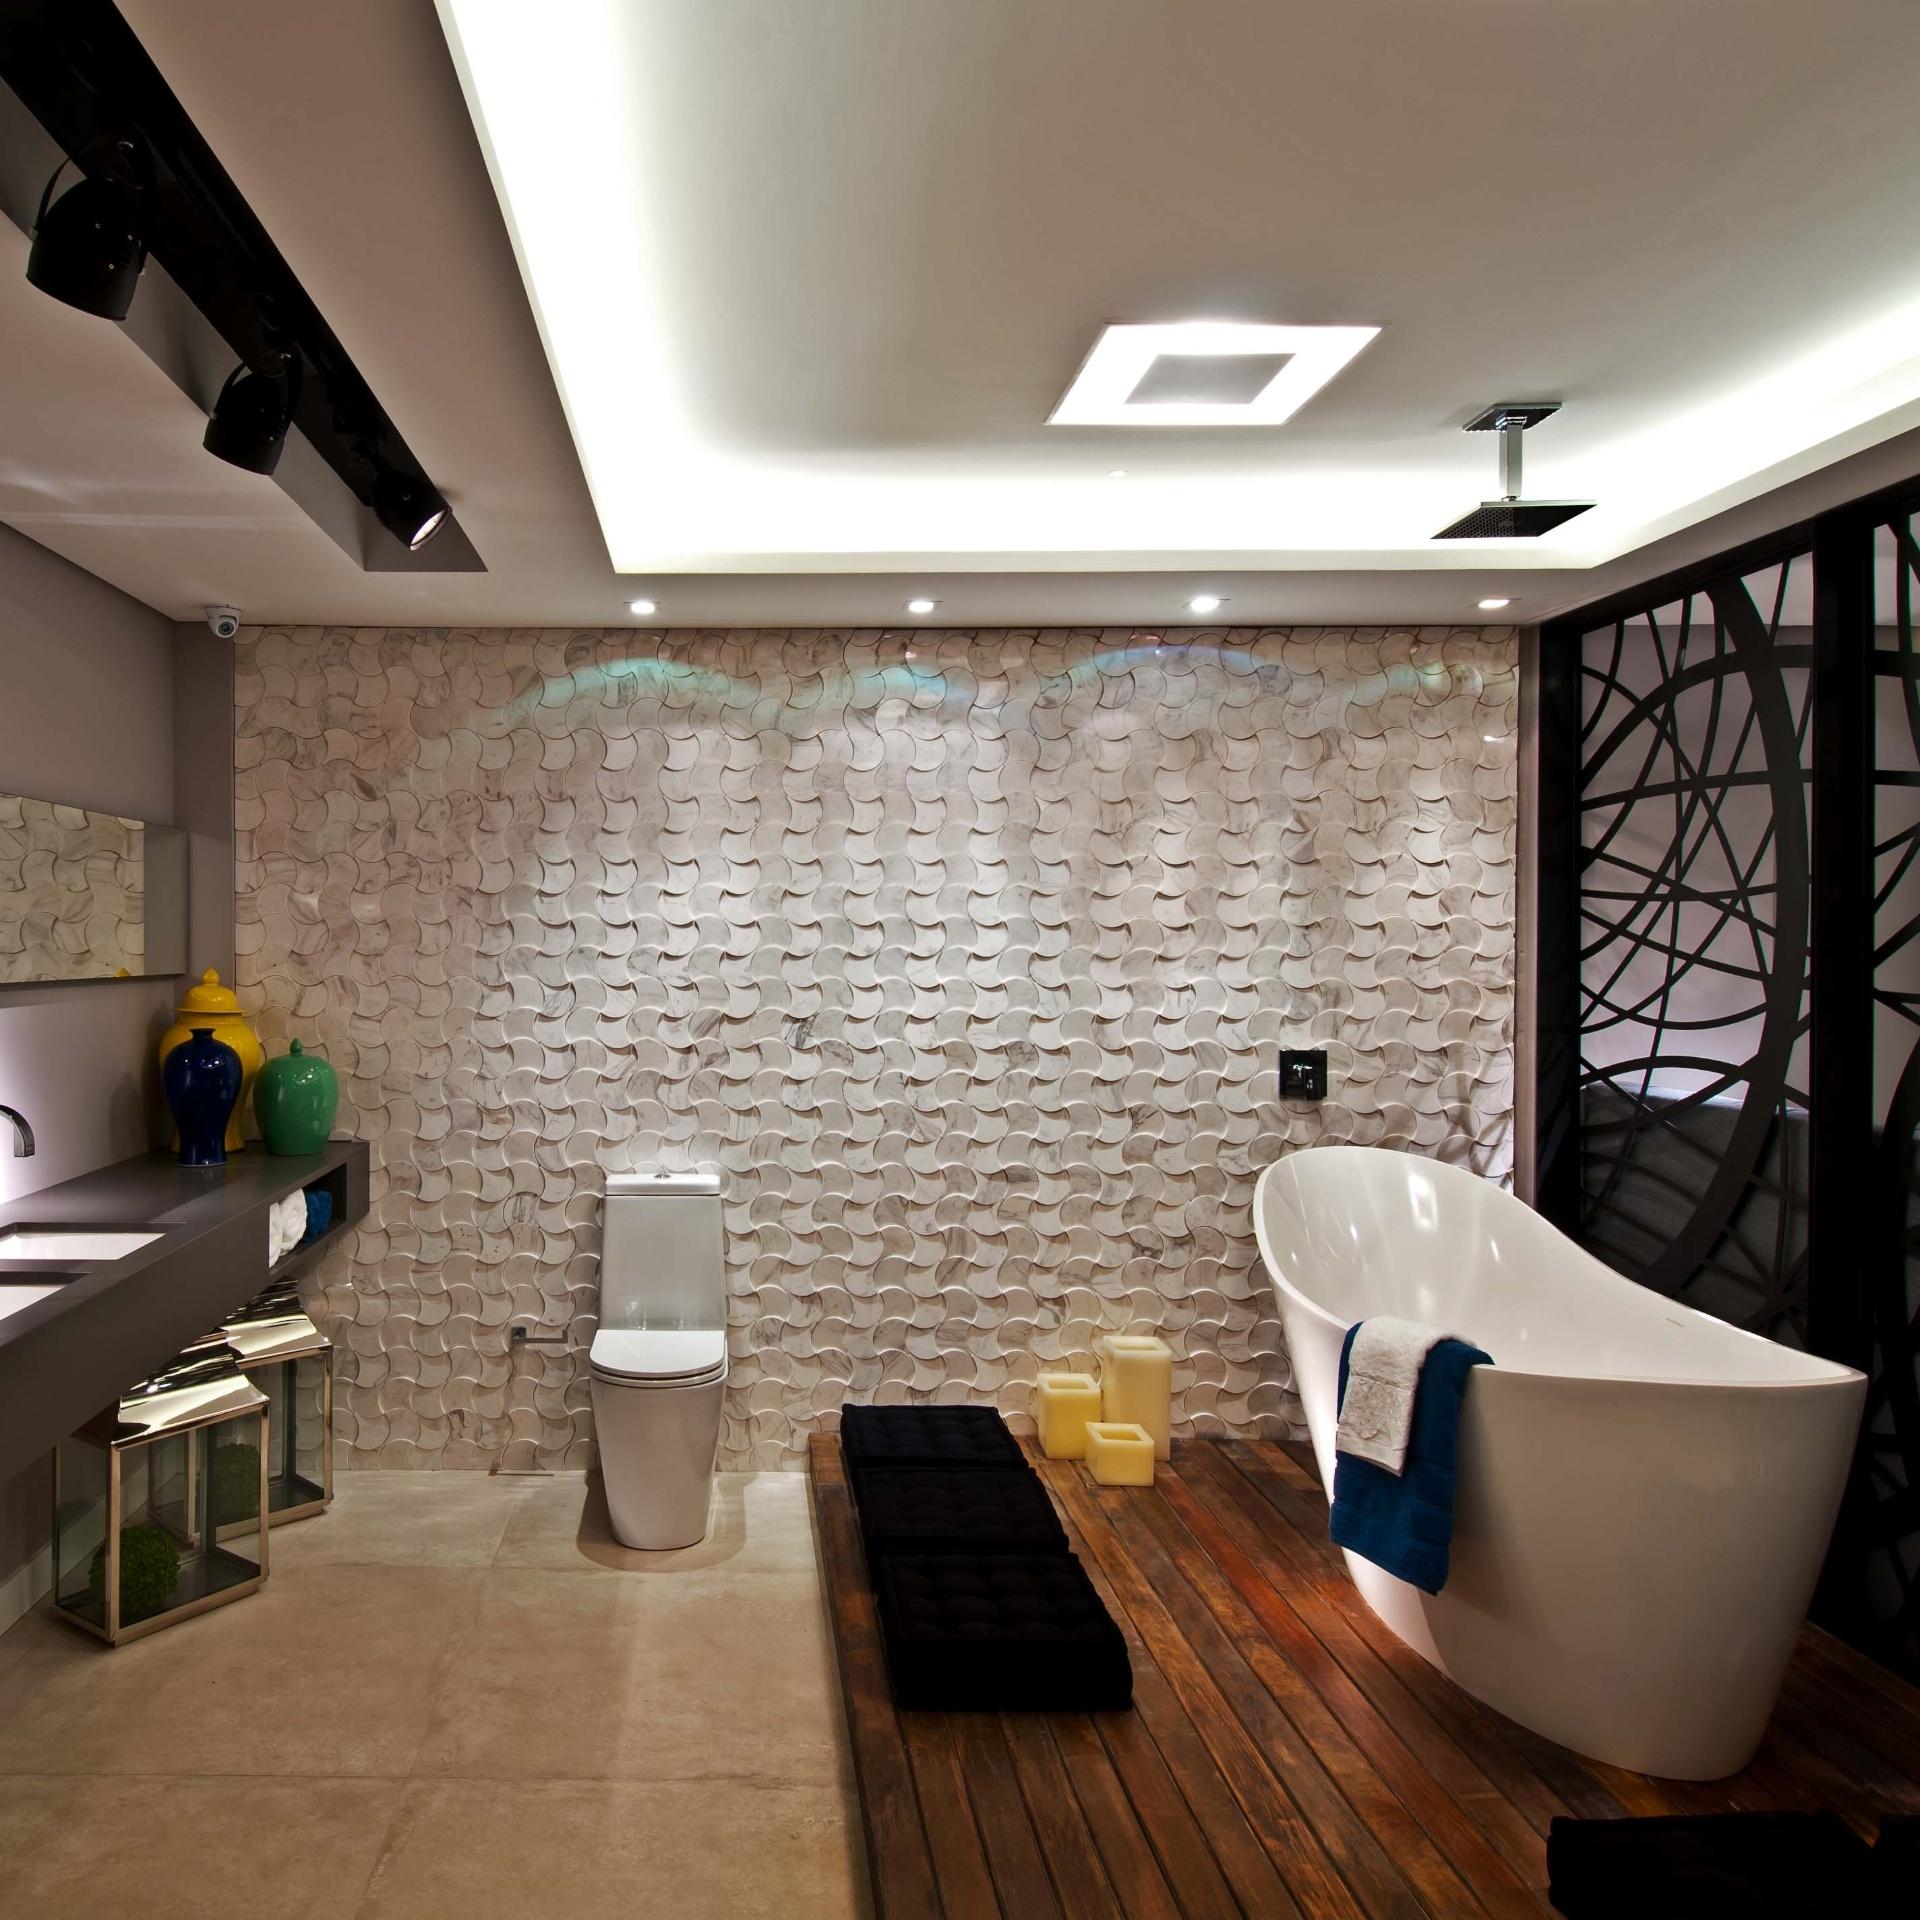 No detalhe, o banheiro da Suíte Master, ambiente de autoria dos arquitetos Luiz Fernando Zanoni e Thaís Zimmermann. A Casa Cor Santa Catarina, pela primeira vez, acontece simultaneamente em Florianópolis e na Praia Brava, em Itajaí. As duas sedes do evento apresentam, no total, 45 ambientes até 30 de junho de 2013